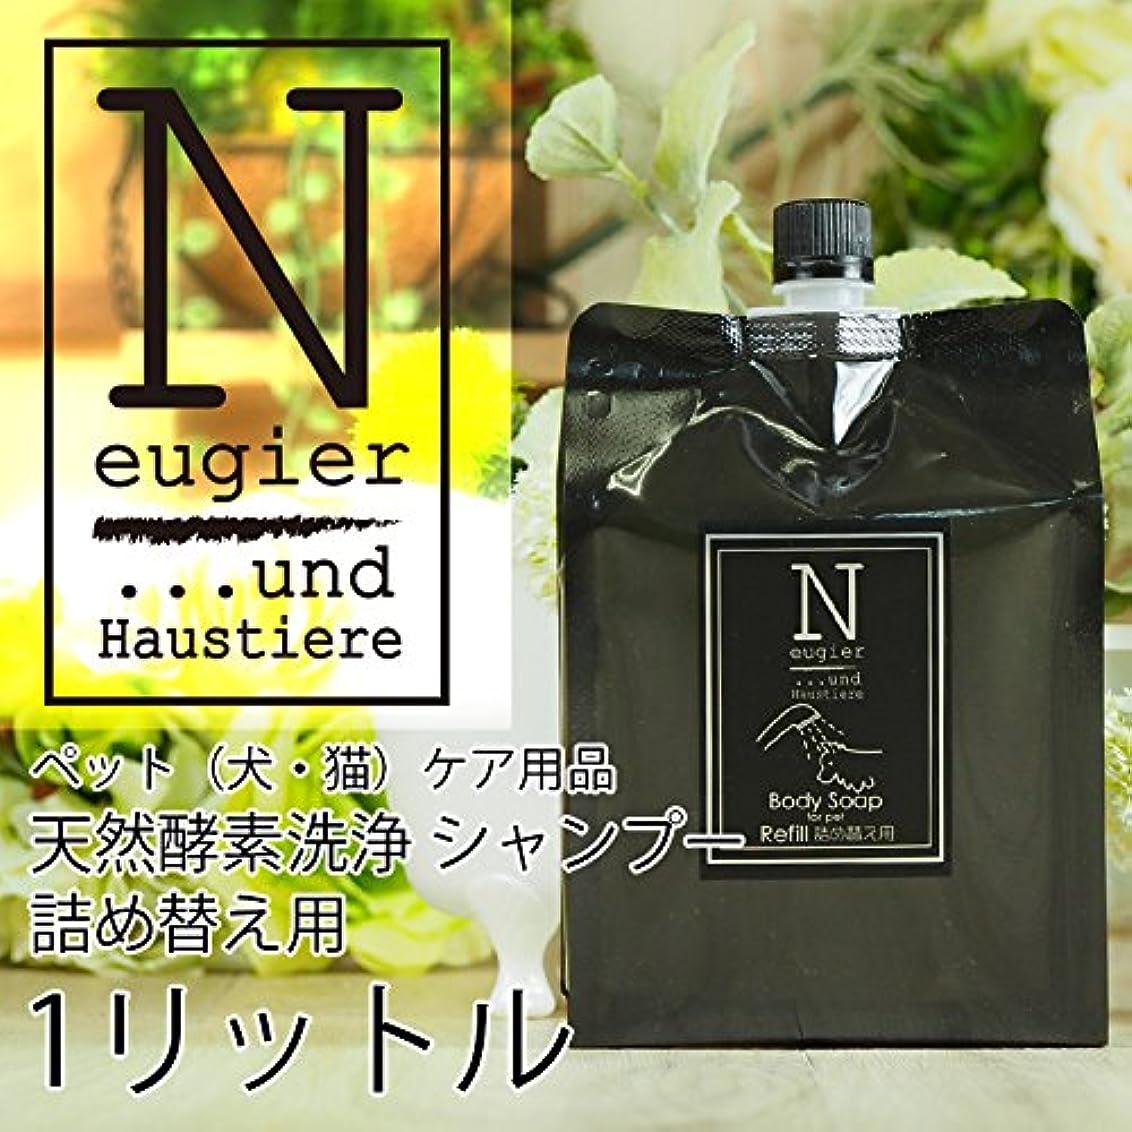 シプリーシプリー歴史家Neugier ケアシリーズ body Soap (ボディーソープ/ペットシャンプー) (1000)